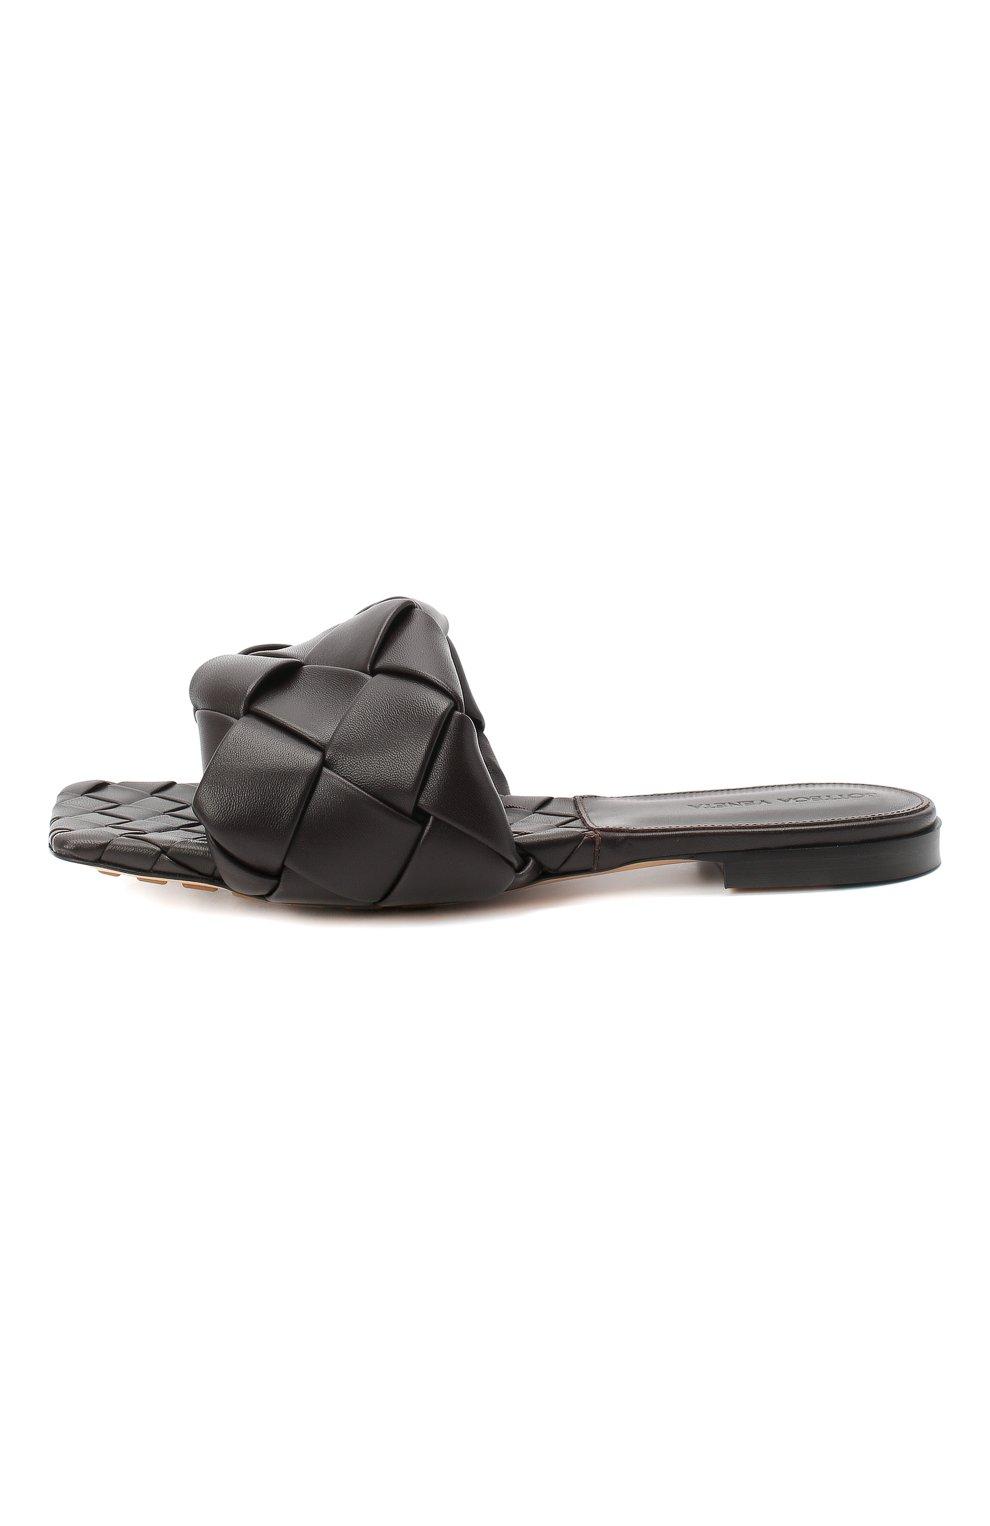 Женские кожаные шлепанцы BOTTEGA VENETA темно-коричневого цвета, арт. 608853/VBSS0 | Фото 3